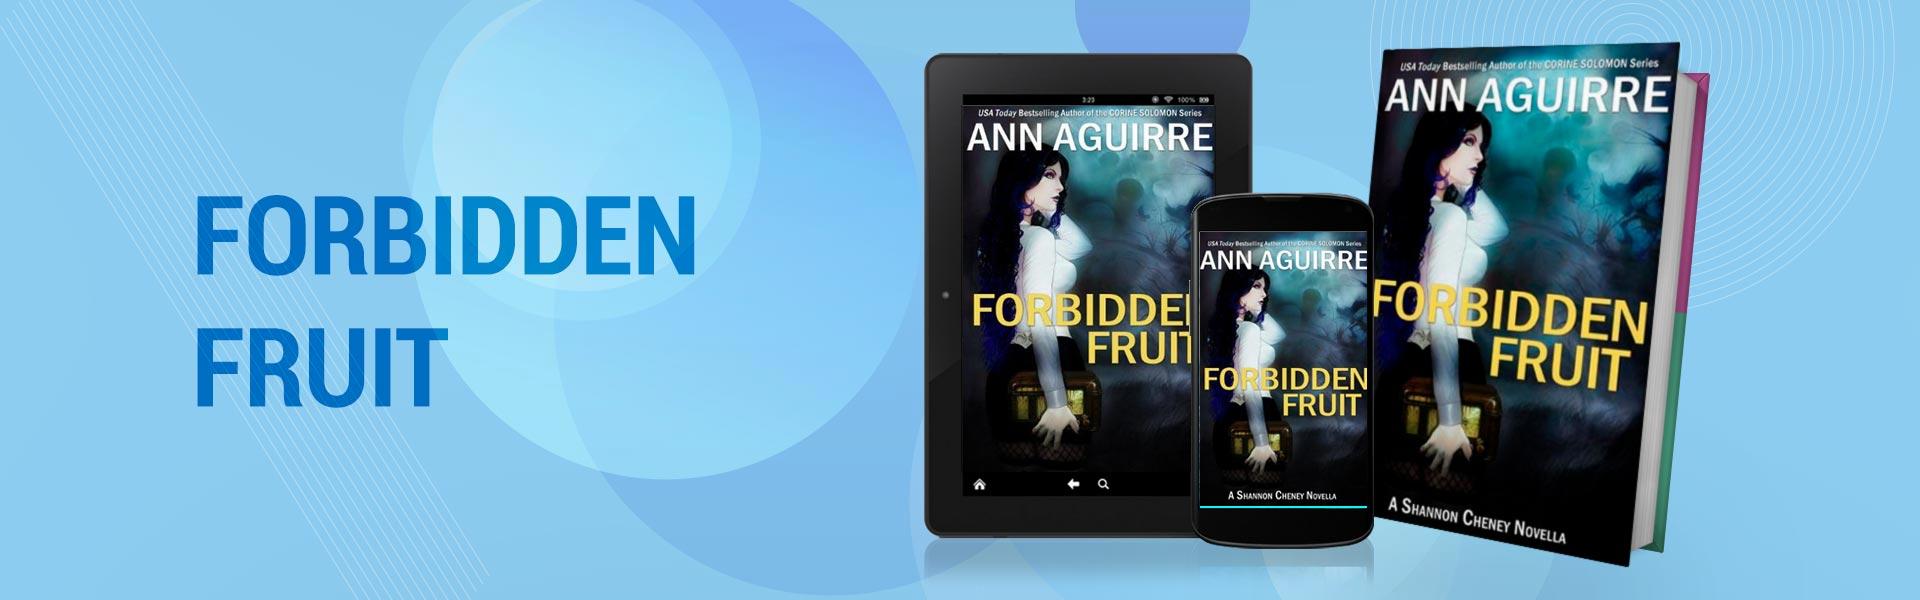 FORBIDDEN-FRUIT